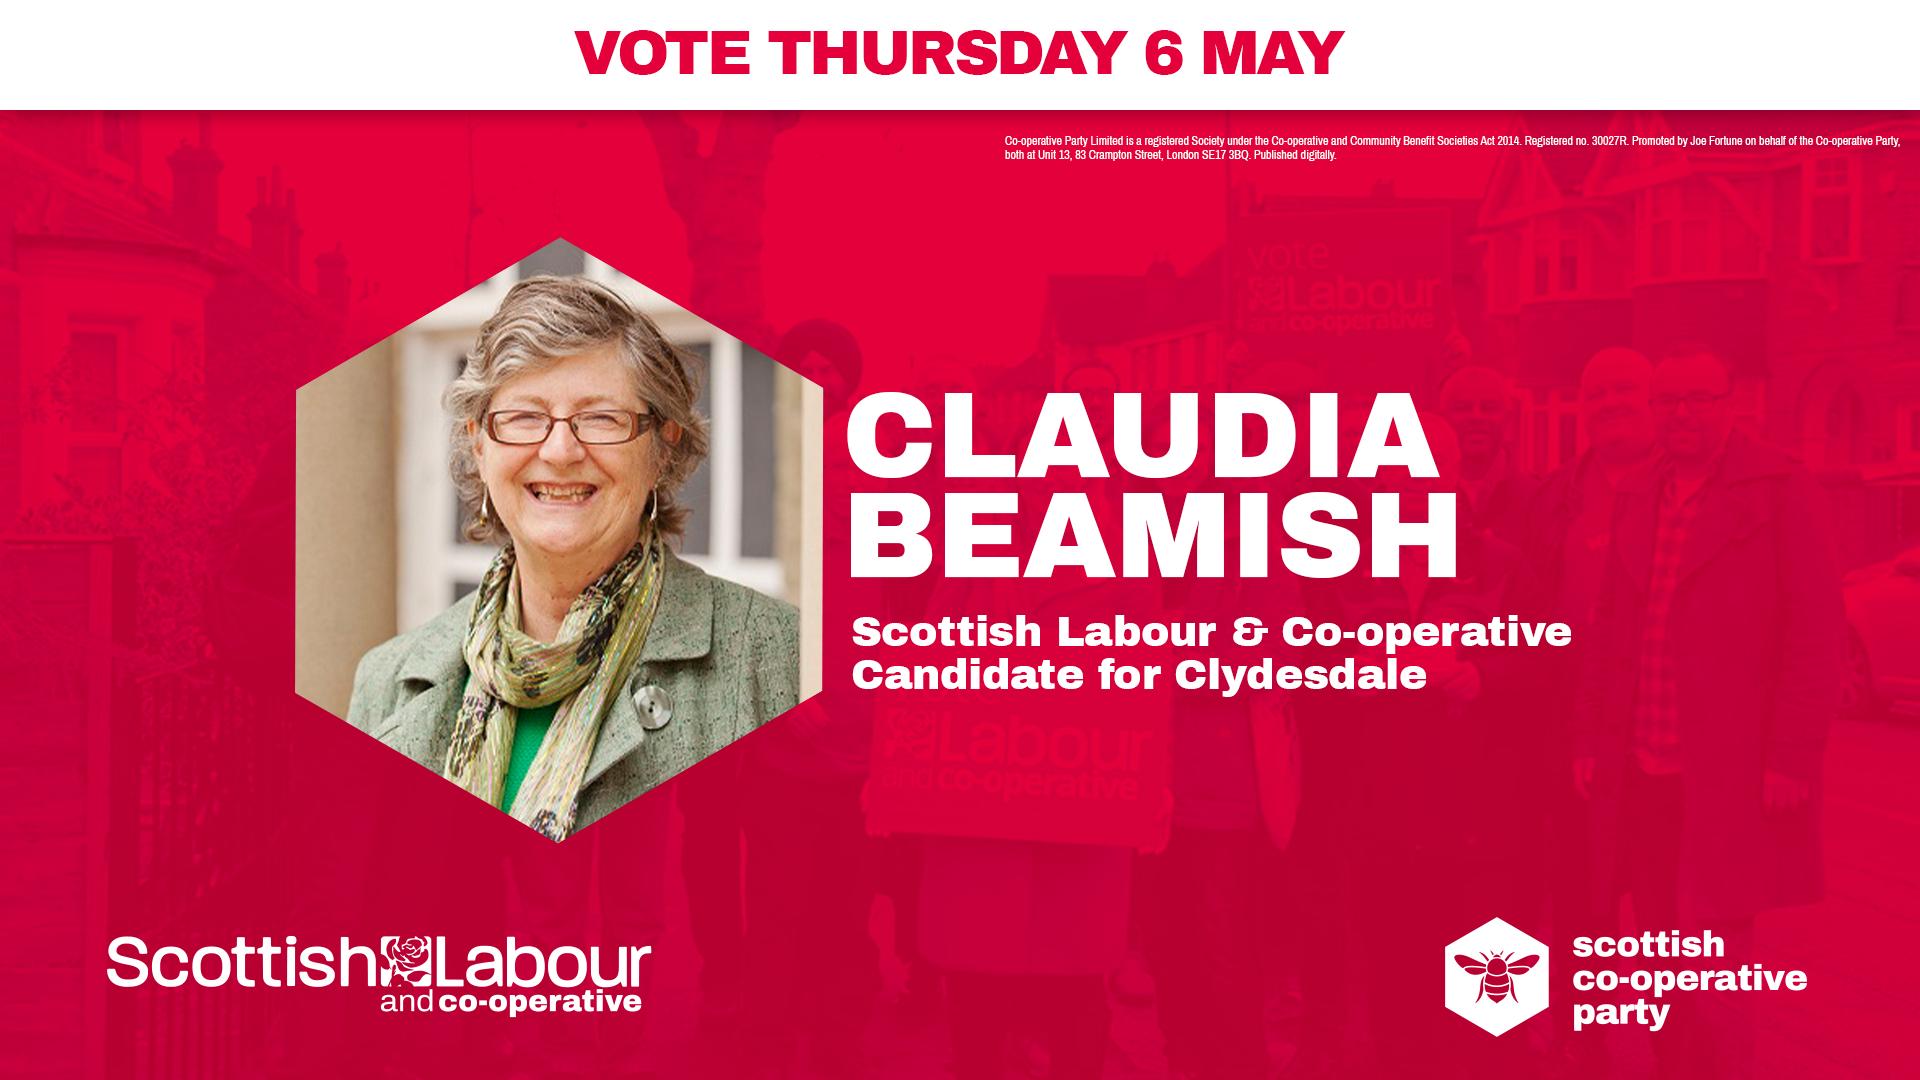 Claudia Beamish